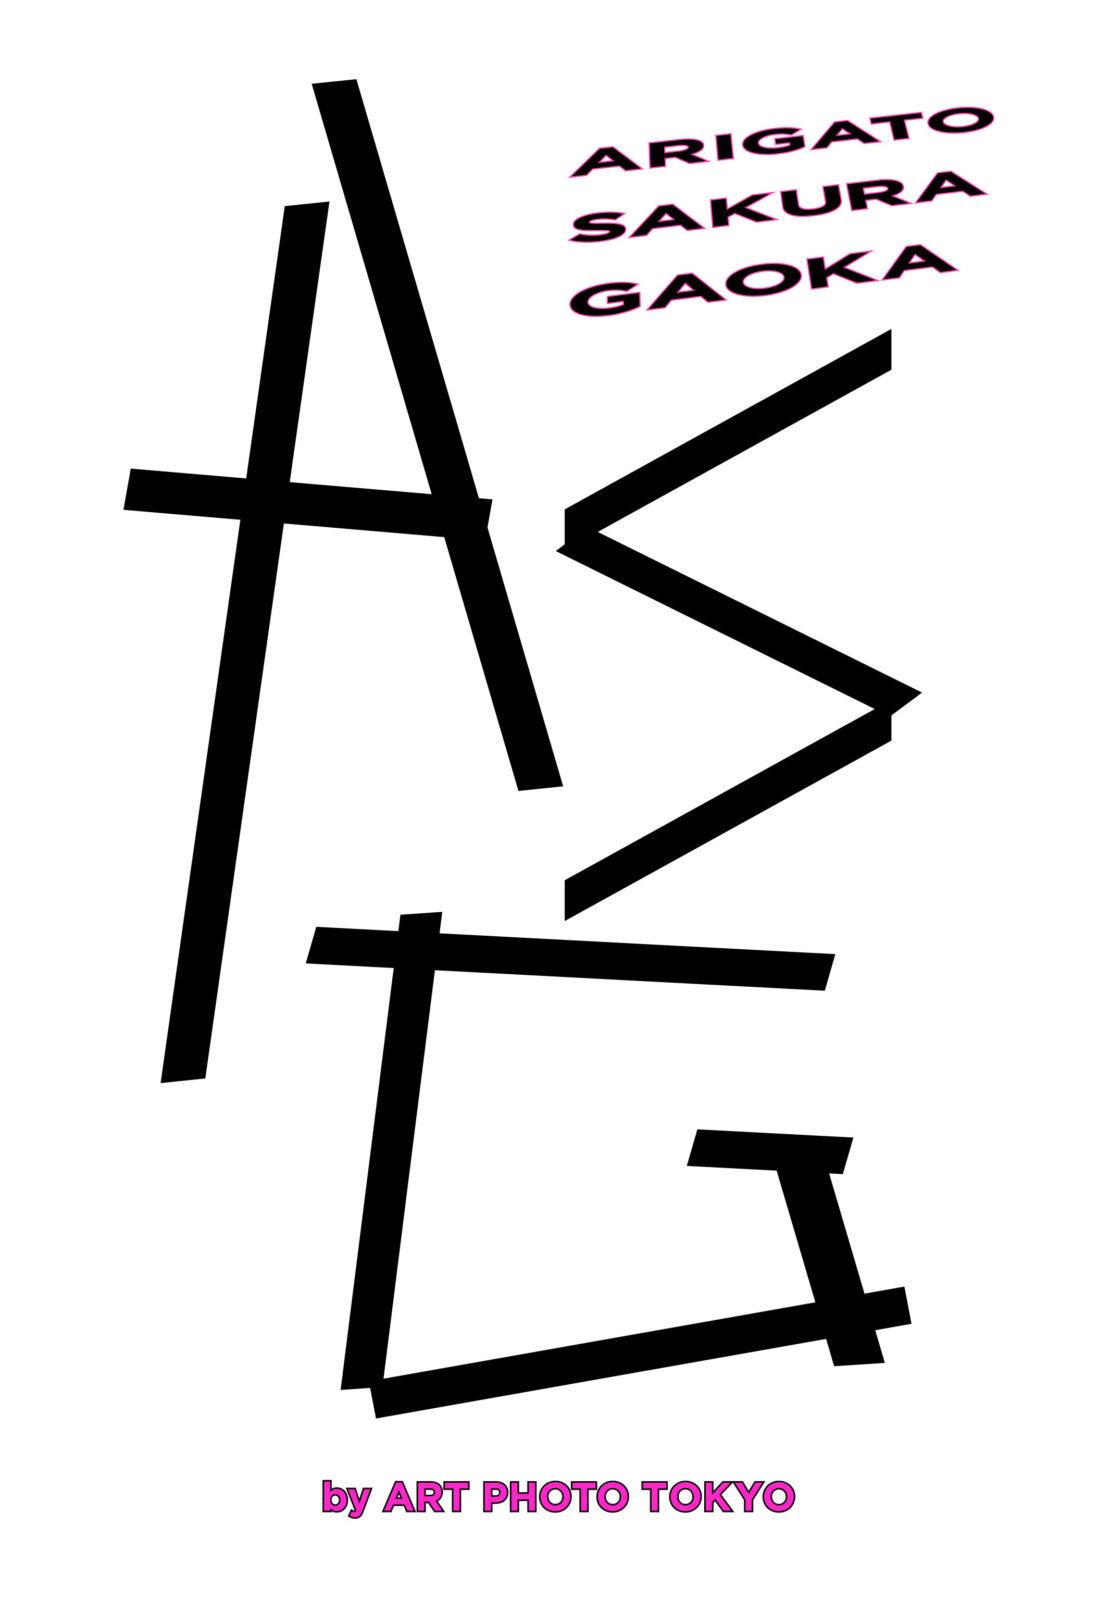 渋谷再開発で取壊されるビル一棟がアートと音楽に染まるイベント「ARIGATO SAKURAGAOKA」の追加アーティスト発表サムネイル画像